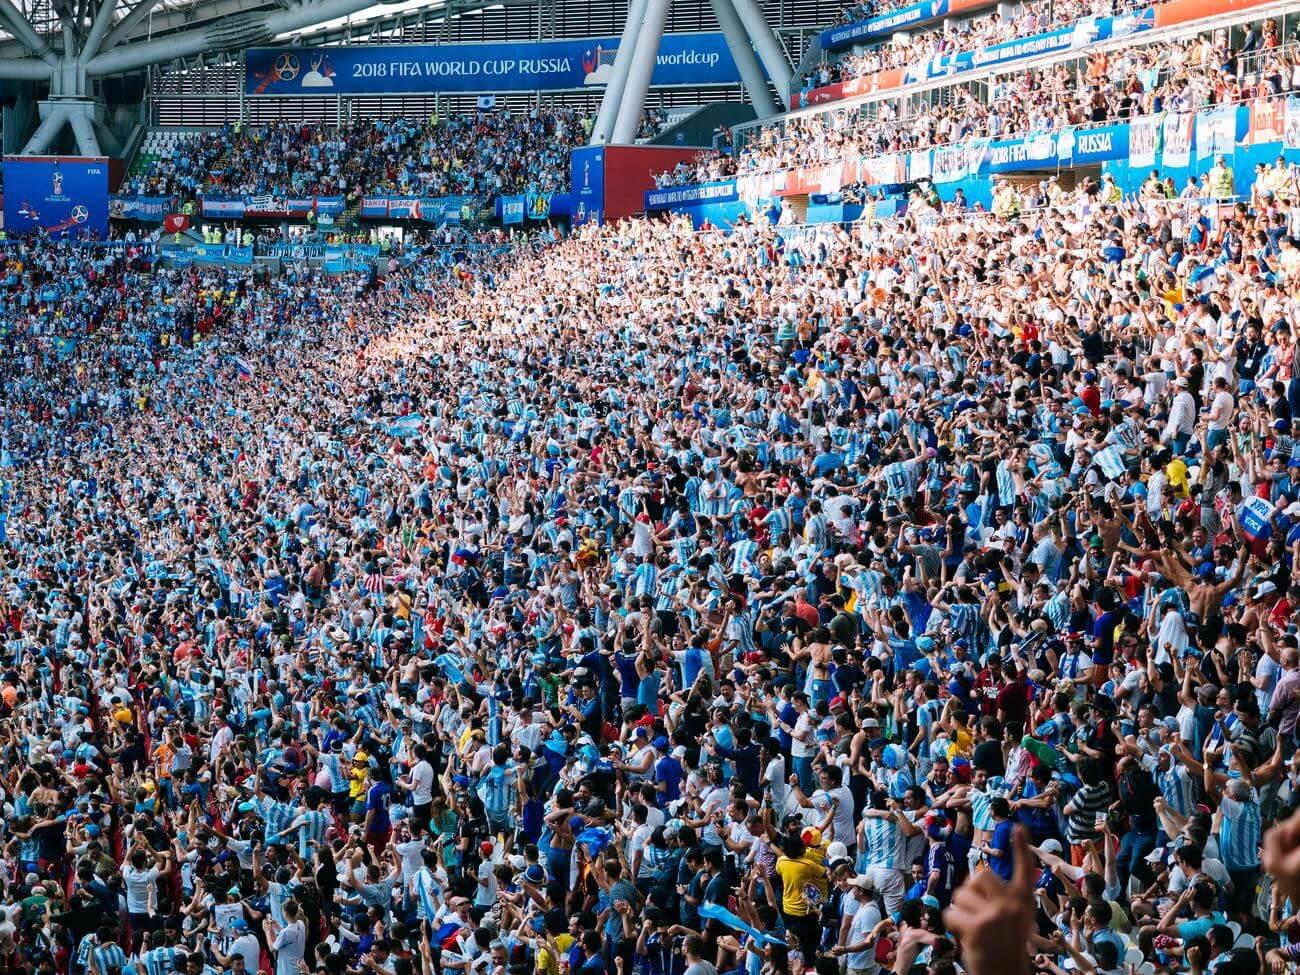 Experiências incríveis da Copa do Mundo da FIFA Rússia 2018™